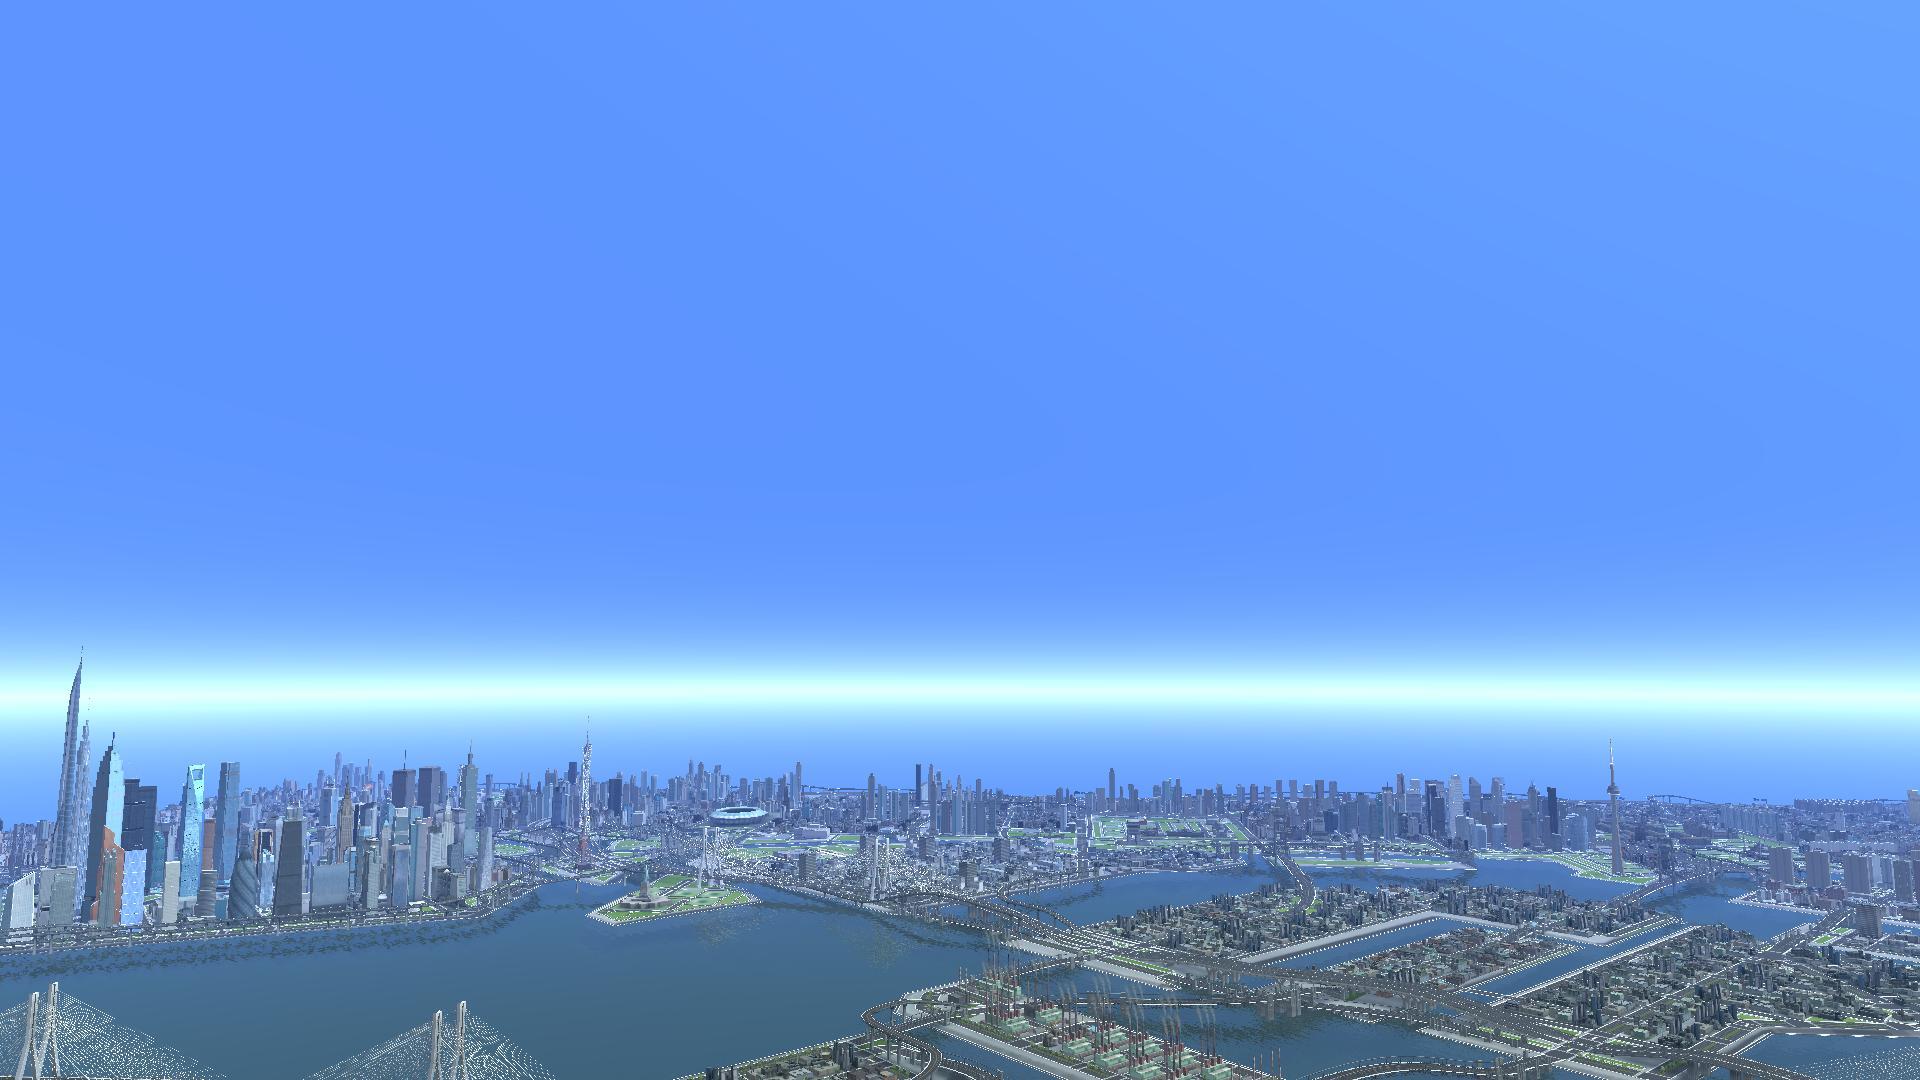 CitiesXL_2012 2014-11-06 01-56-18-55.jpg